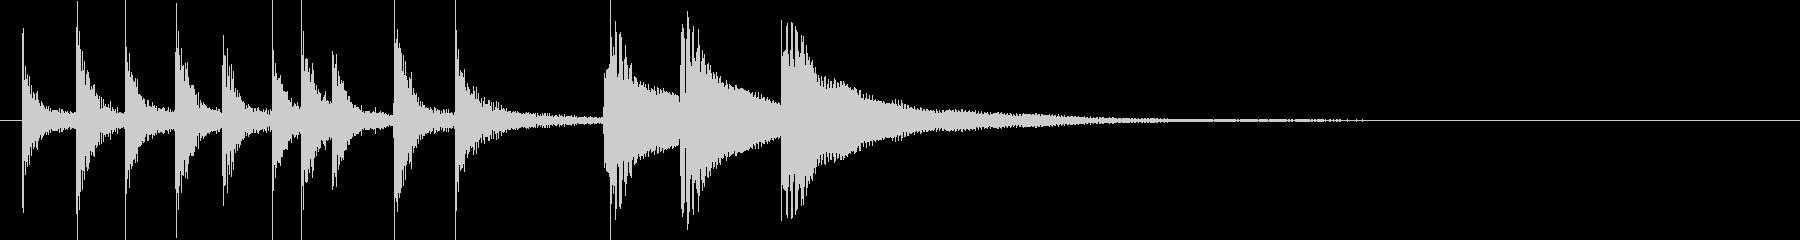 ドラム/ティンバレス フィルイン 29の未再生の波形